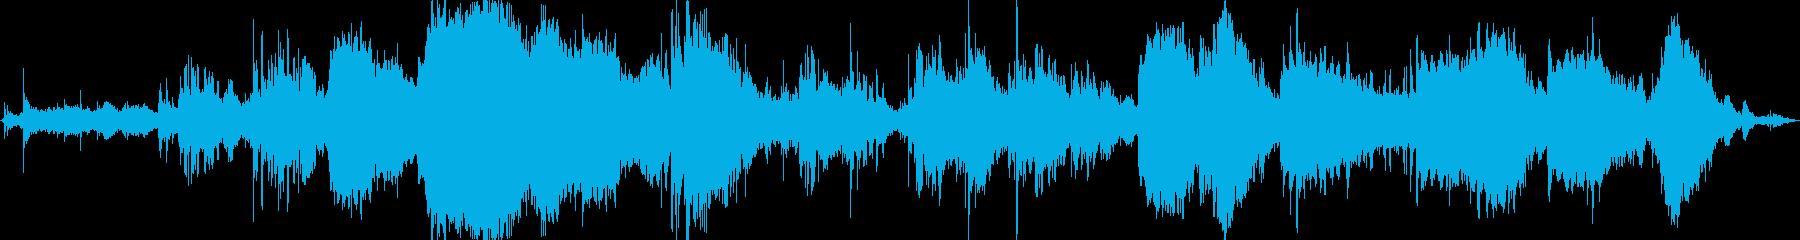 ヨガとマッサージ。 Pianoする...の再生済みの波形